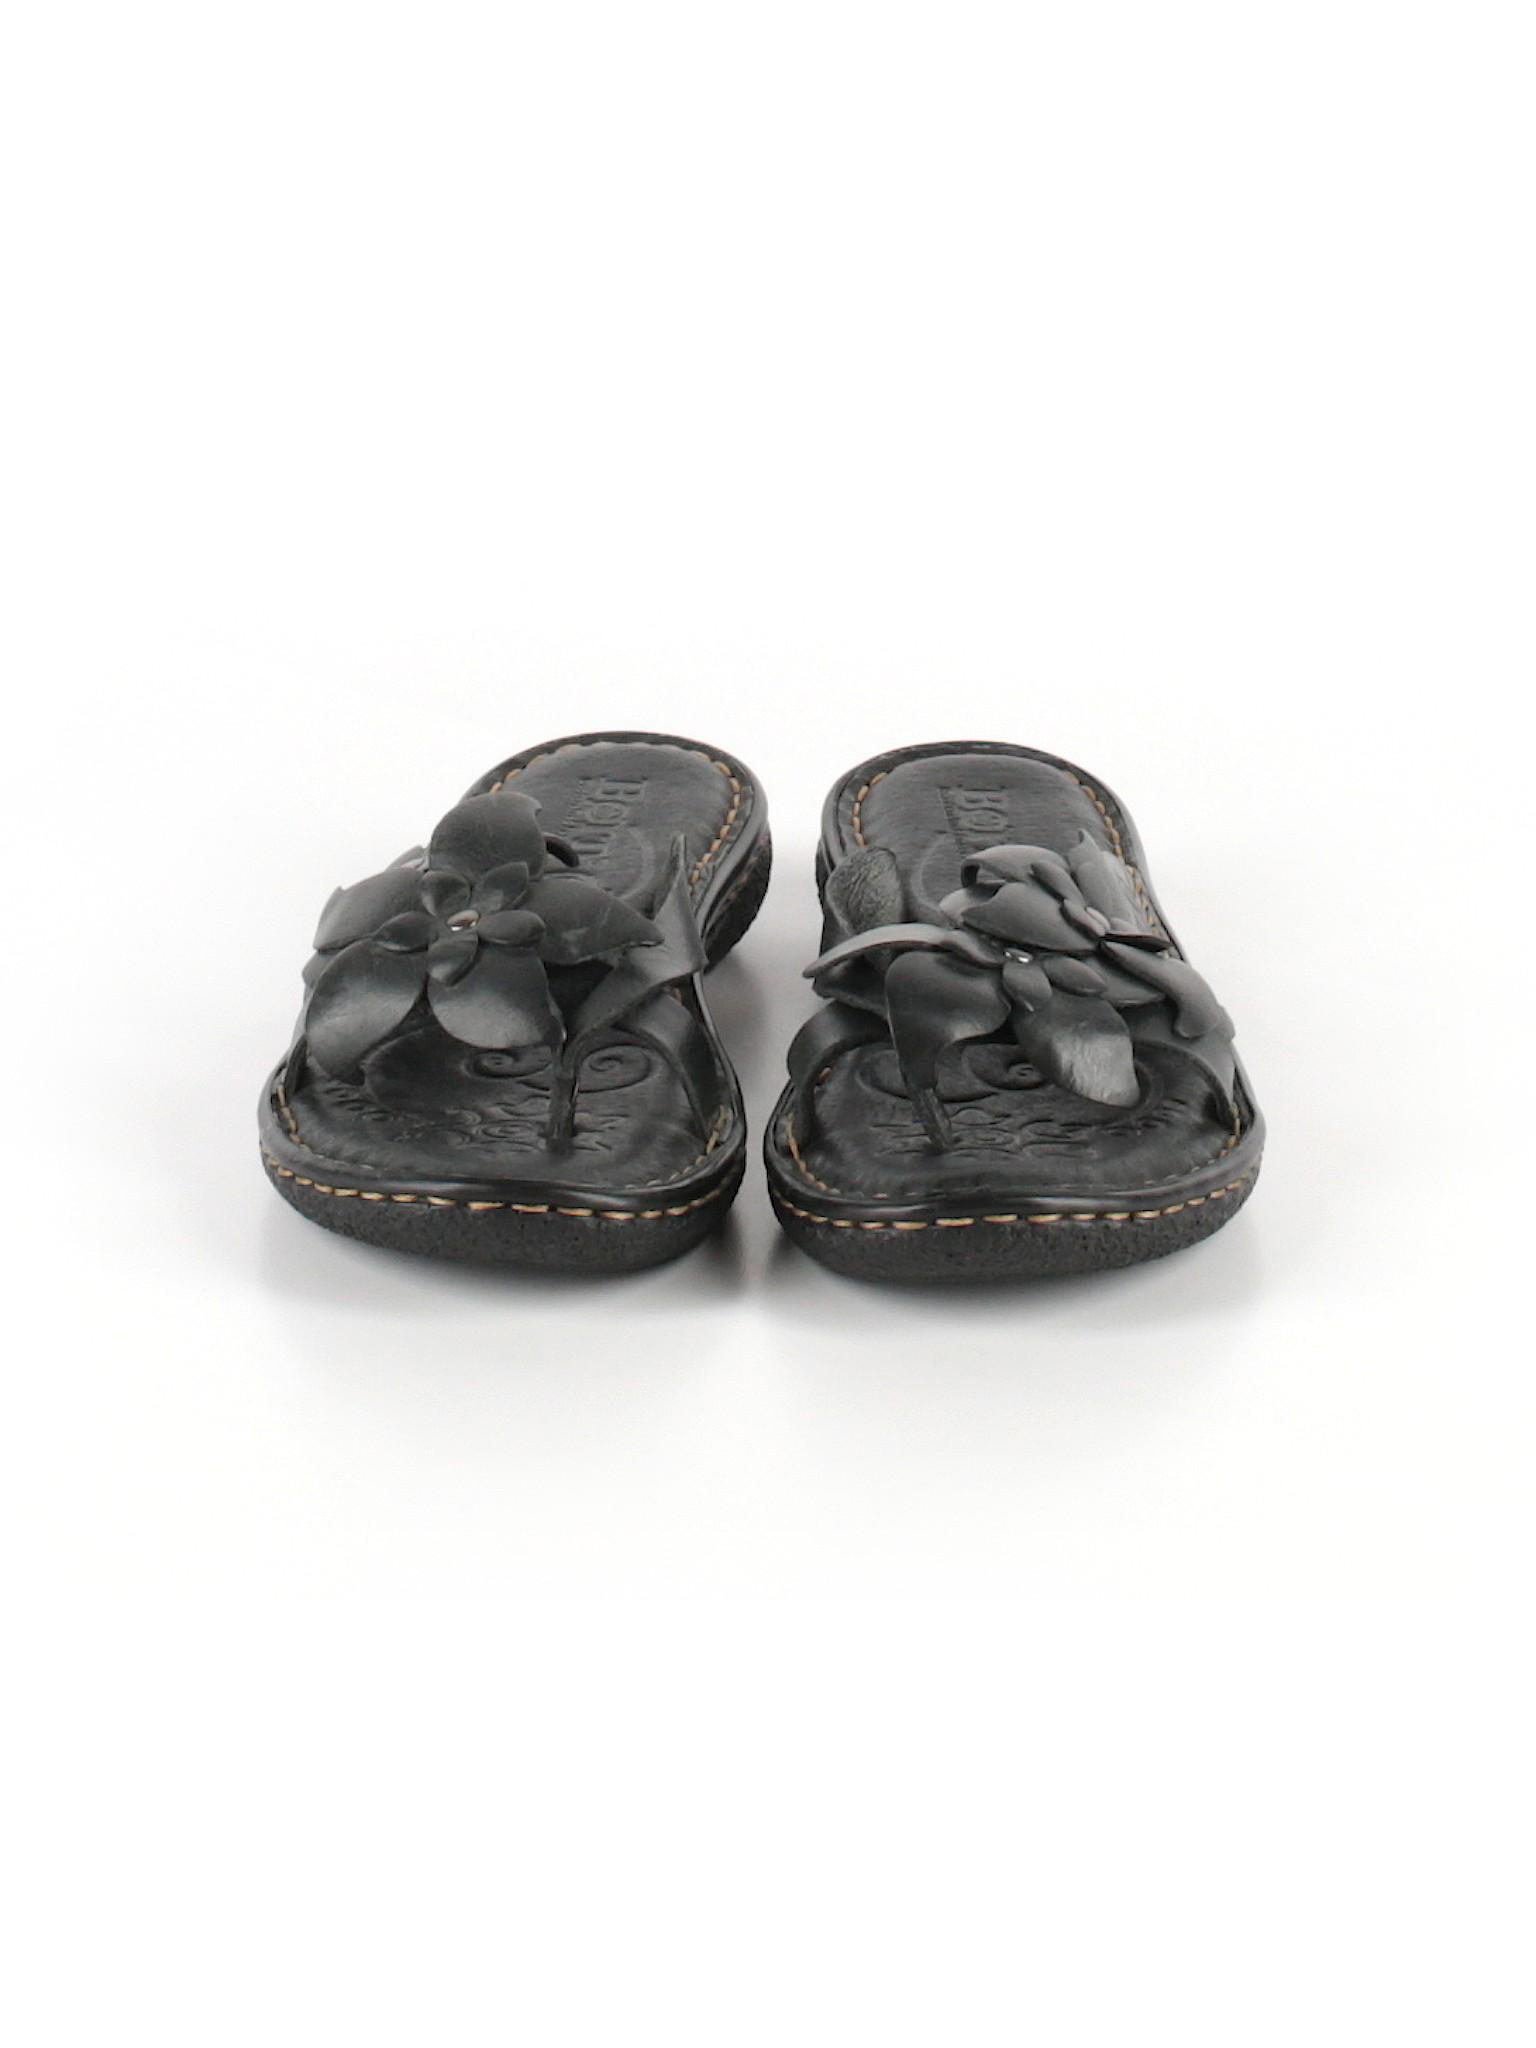 Footwear Handcrafted promotion Sandals Boutique Born qTzc6T1